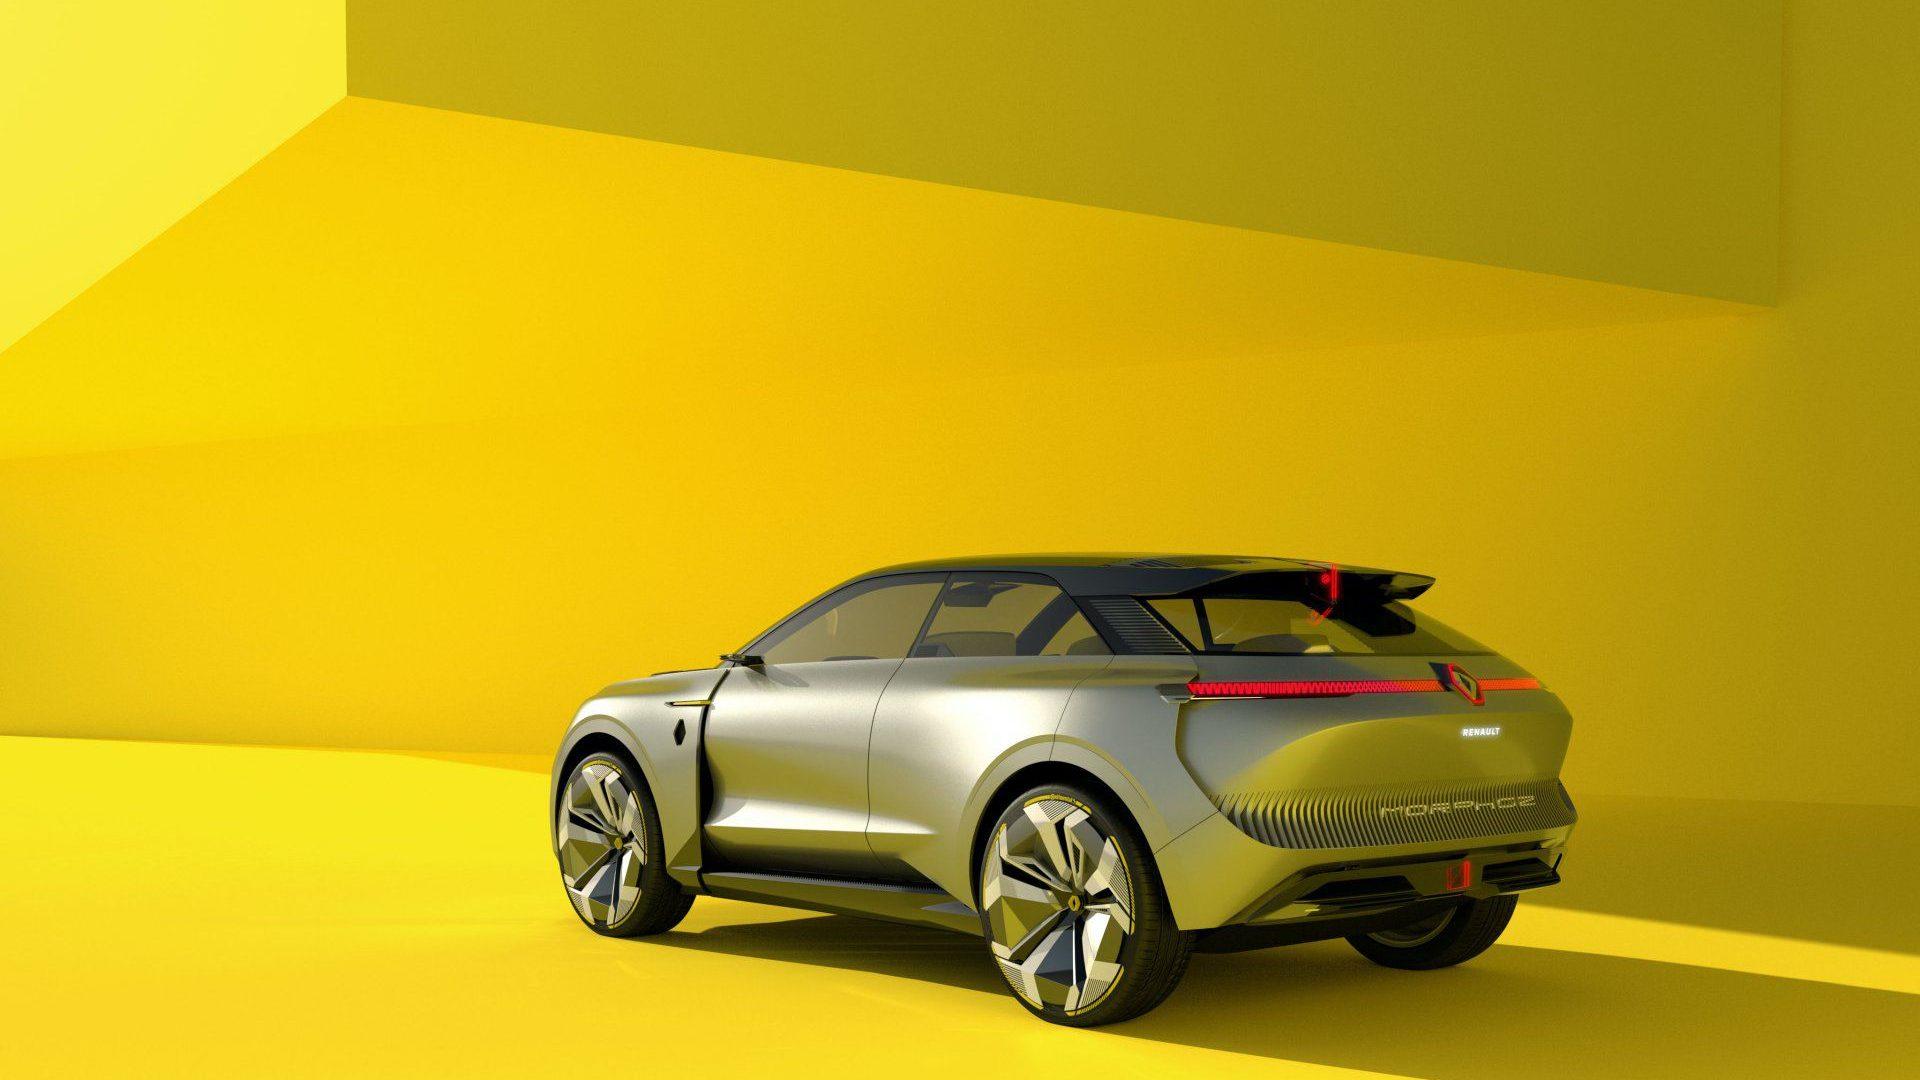 2020-Renault-Morphoz-Concept-007